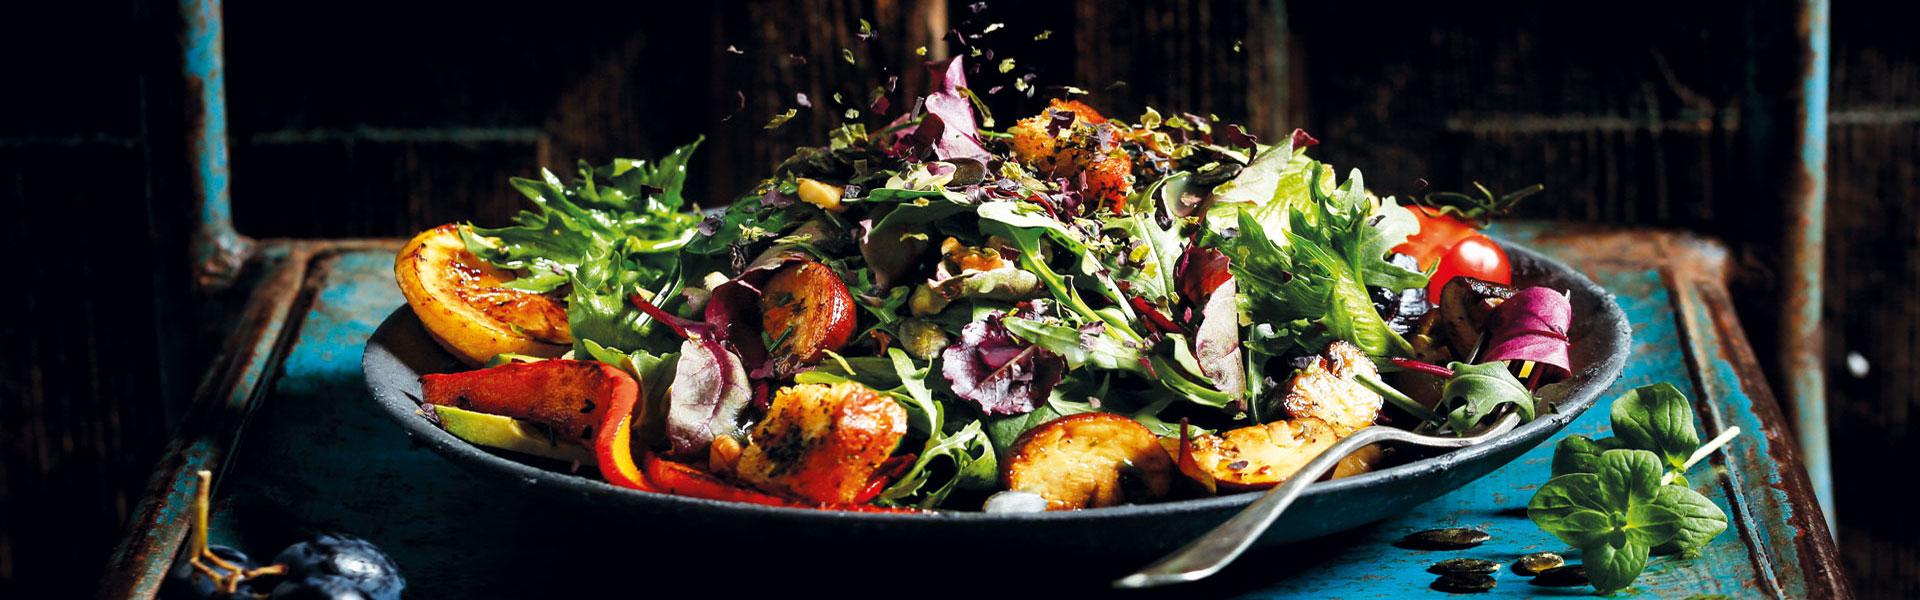 Salat Rezept Meeresalgen